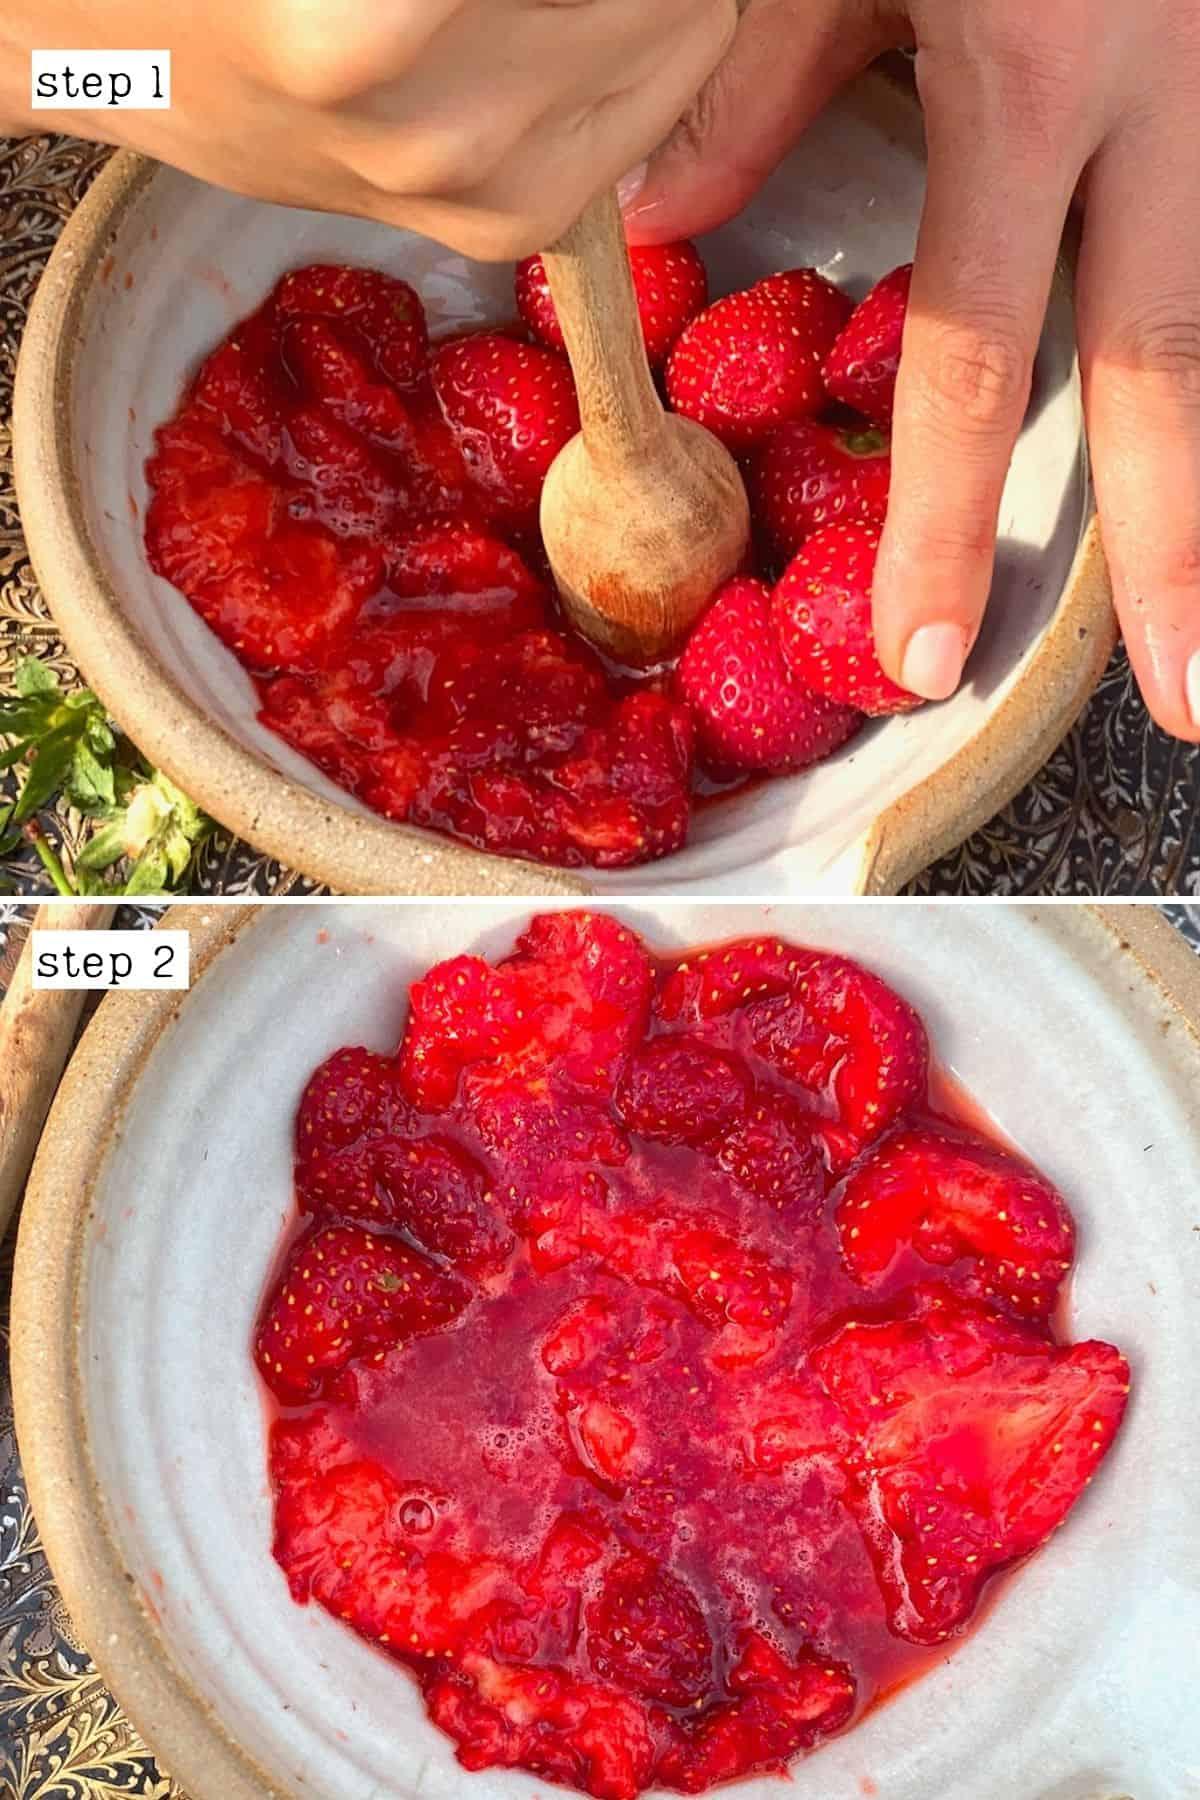 Steps for muddling strawberries